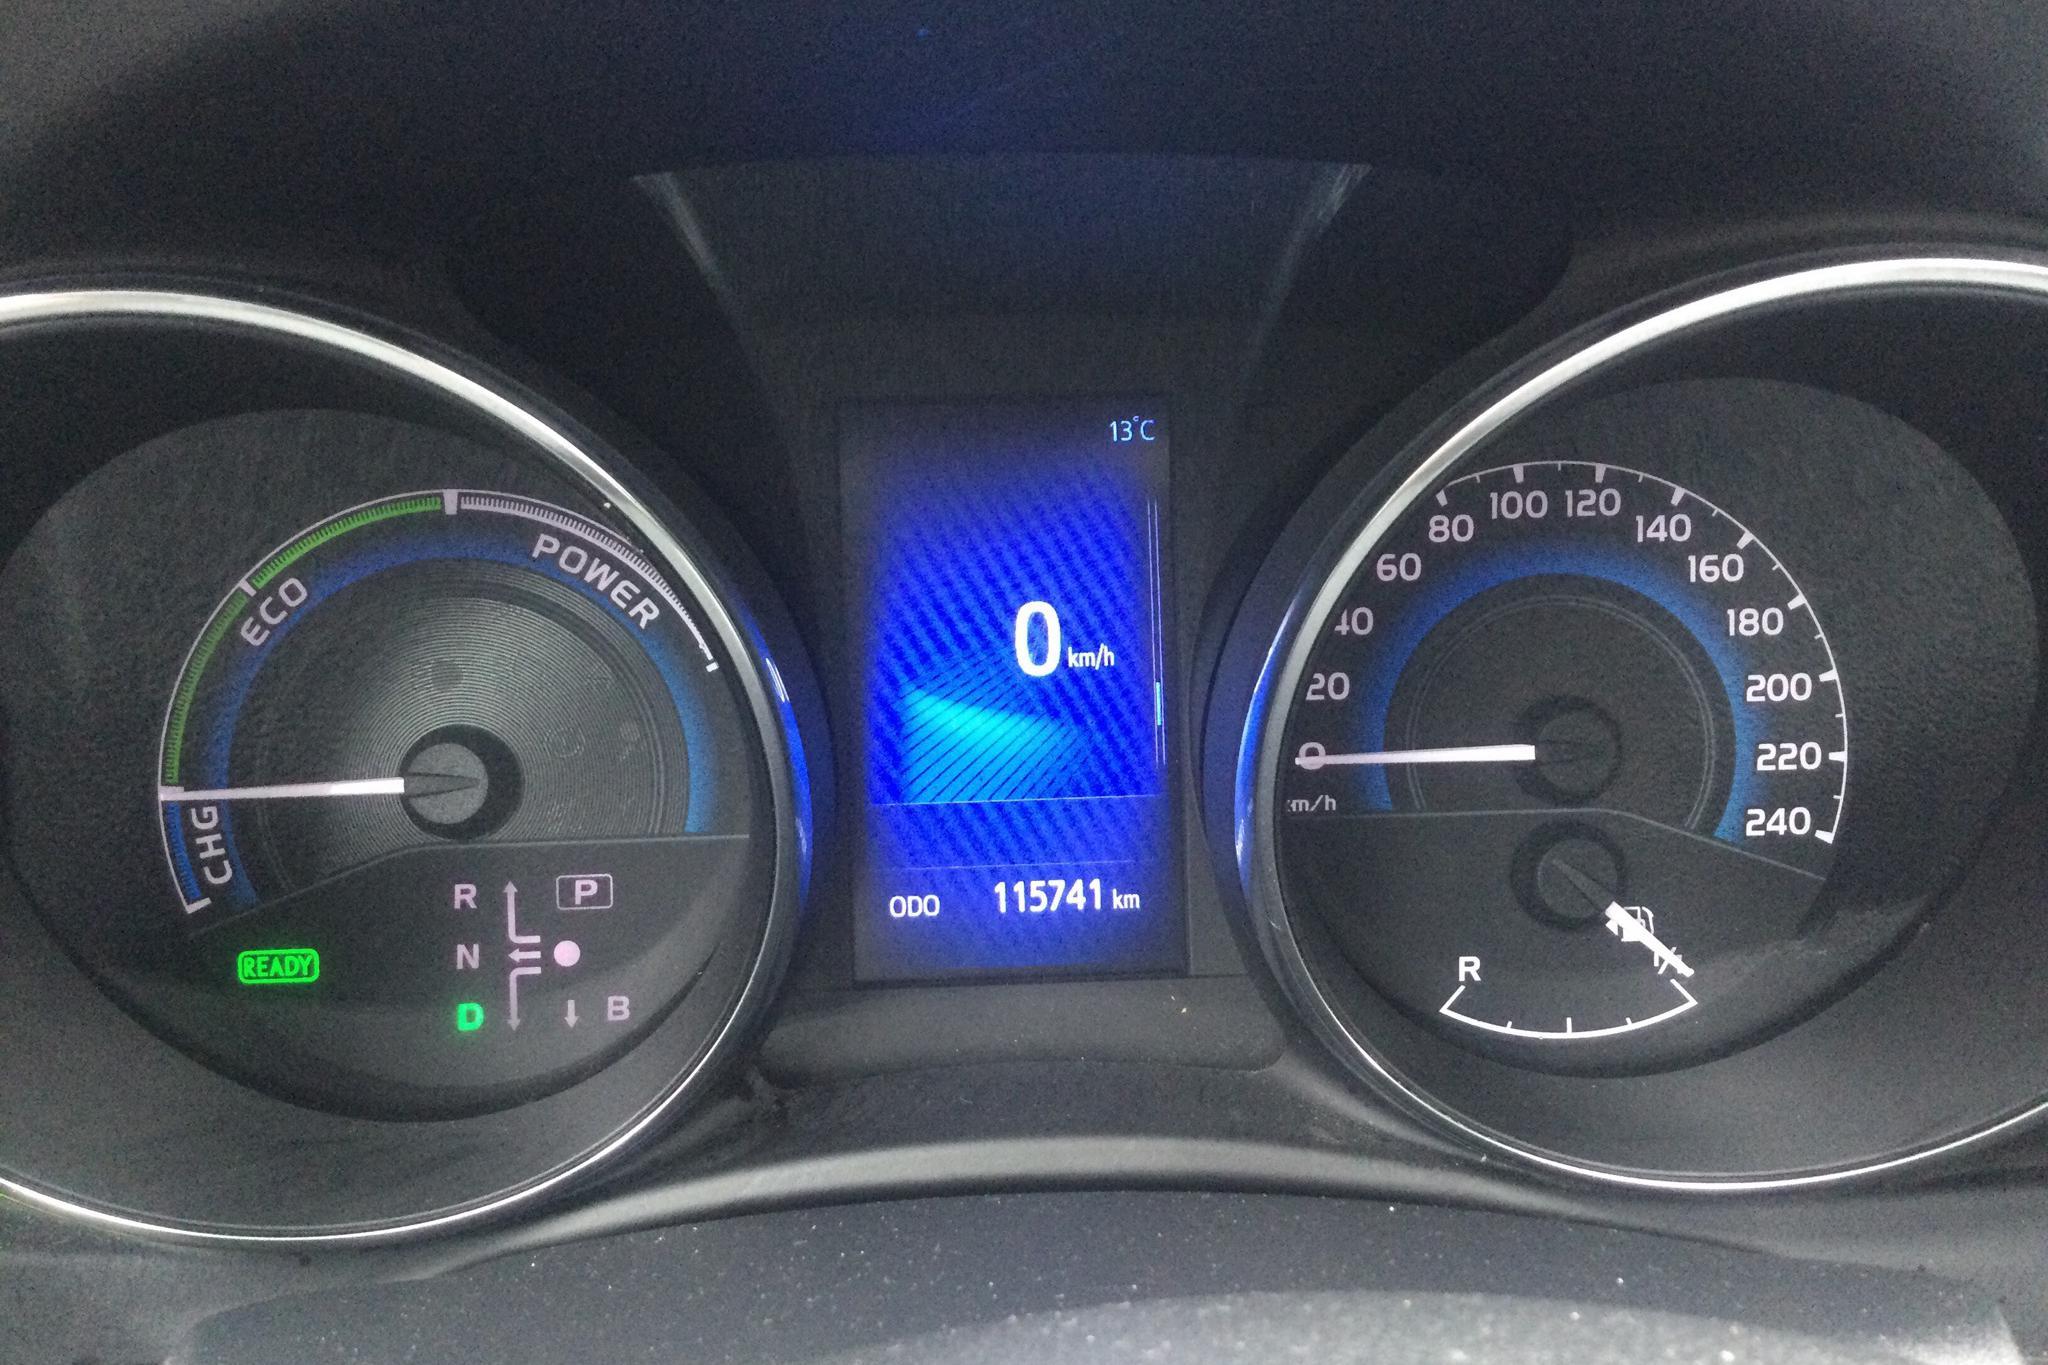 Toyota Auris 1.8 HSD 5dr (99hk) - 115 740 km - Automatic - blue - 2016